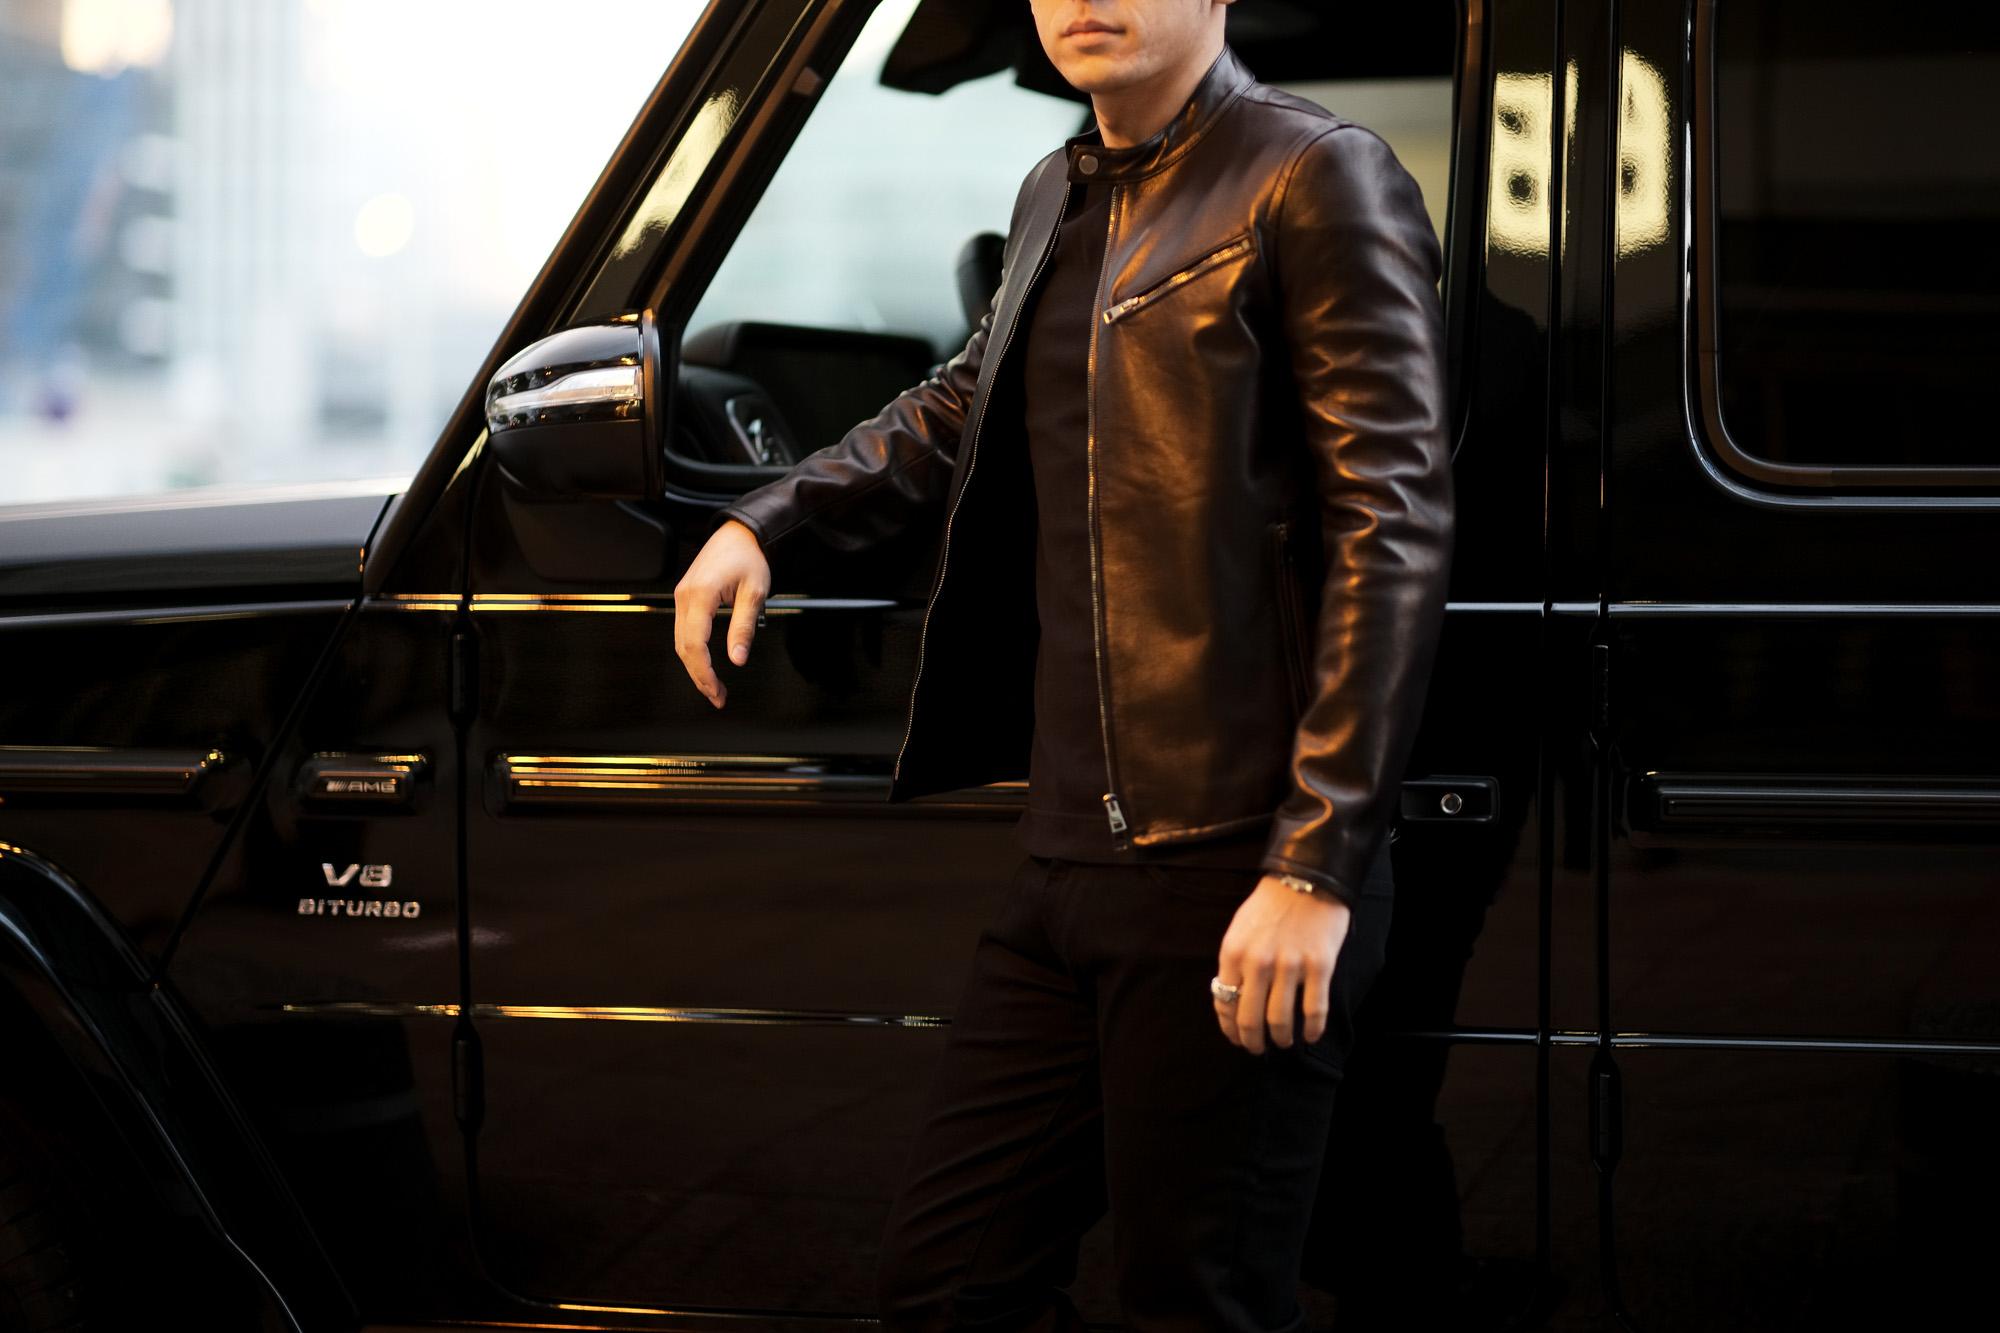 MOLEC (モレック) Single Leather Jacket (シングル レザージャケット) PLONGE Lambskin プロンジェラムレザー シングル ライダース ジャケット NERO (ブラック) Made in italy (イタリア製) 2021 愛知 名古屋 Alto e Diritto アルトエデリット  ライダースジャケット